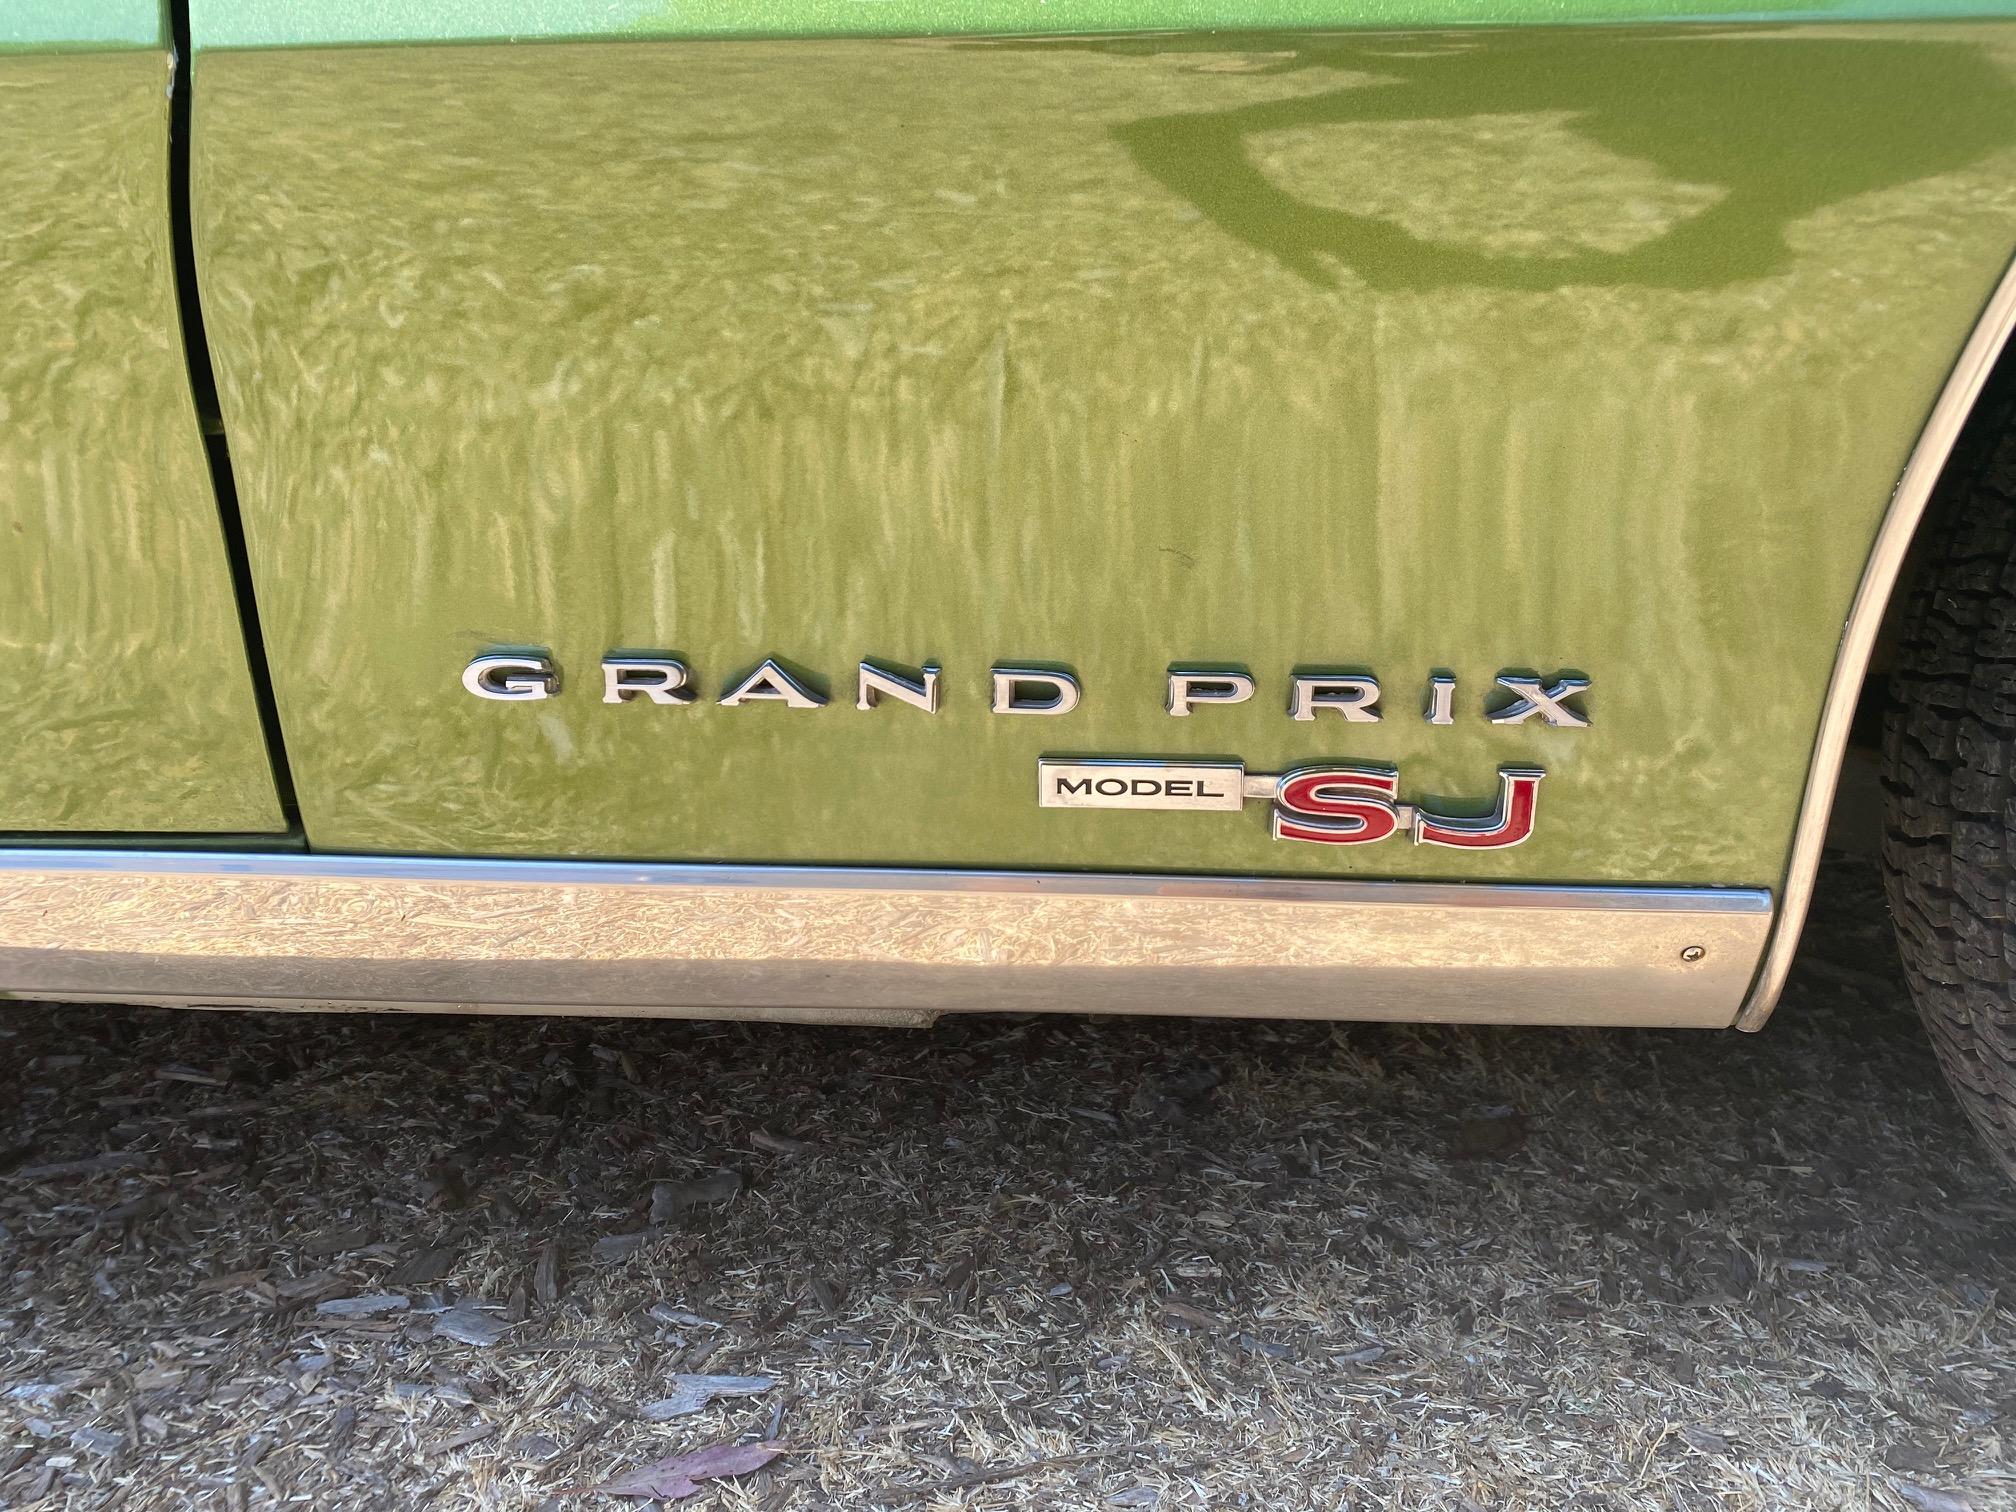 1969 Pontiac Grand Prix SJ logo detail